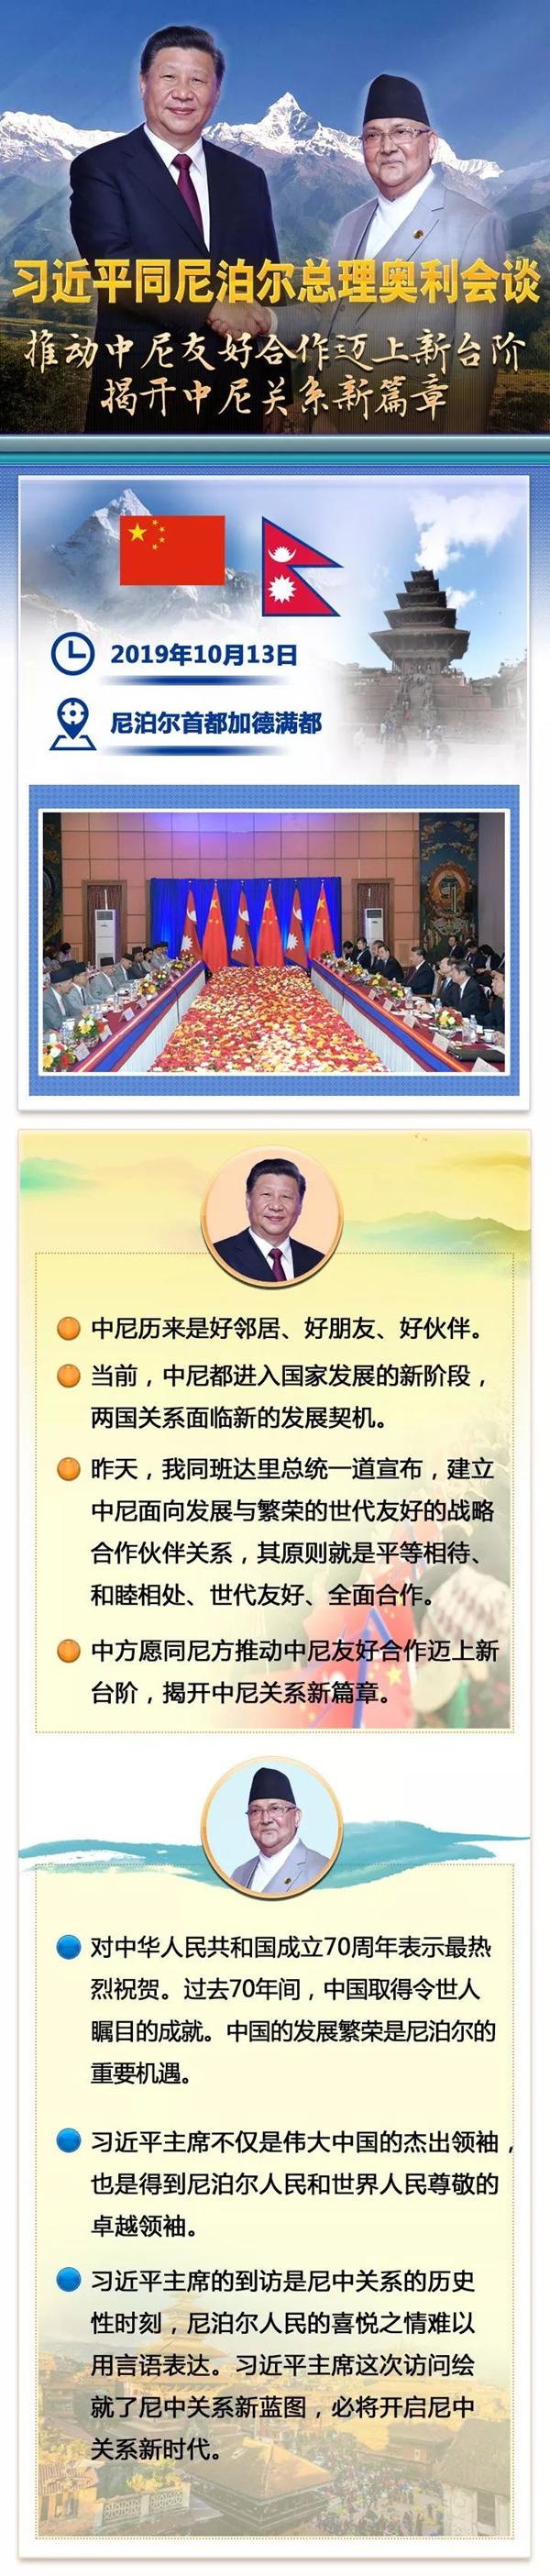 图解习近平同尼泊尔总理奥利网上注册会谈:推动中尼友好合作迈上新台阶,揭开中尼关系新篇章